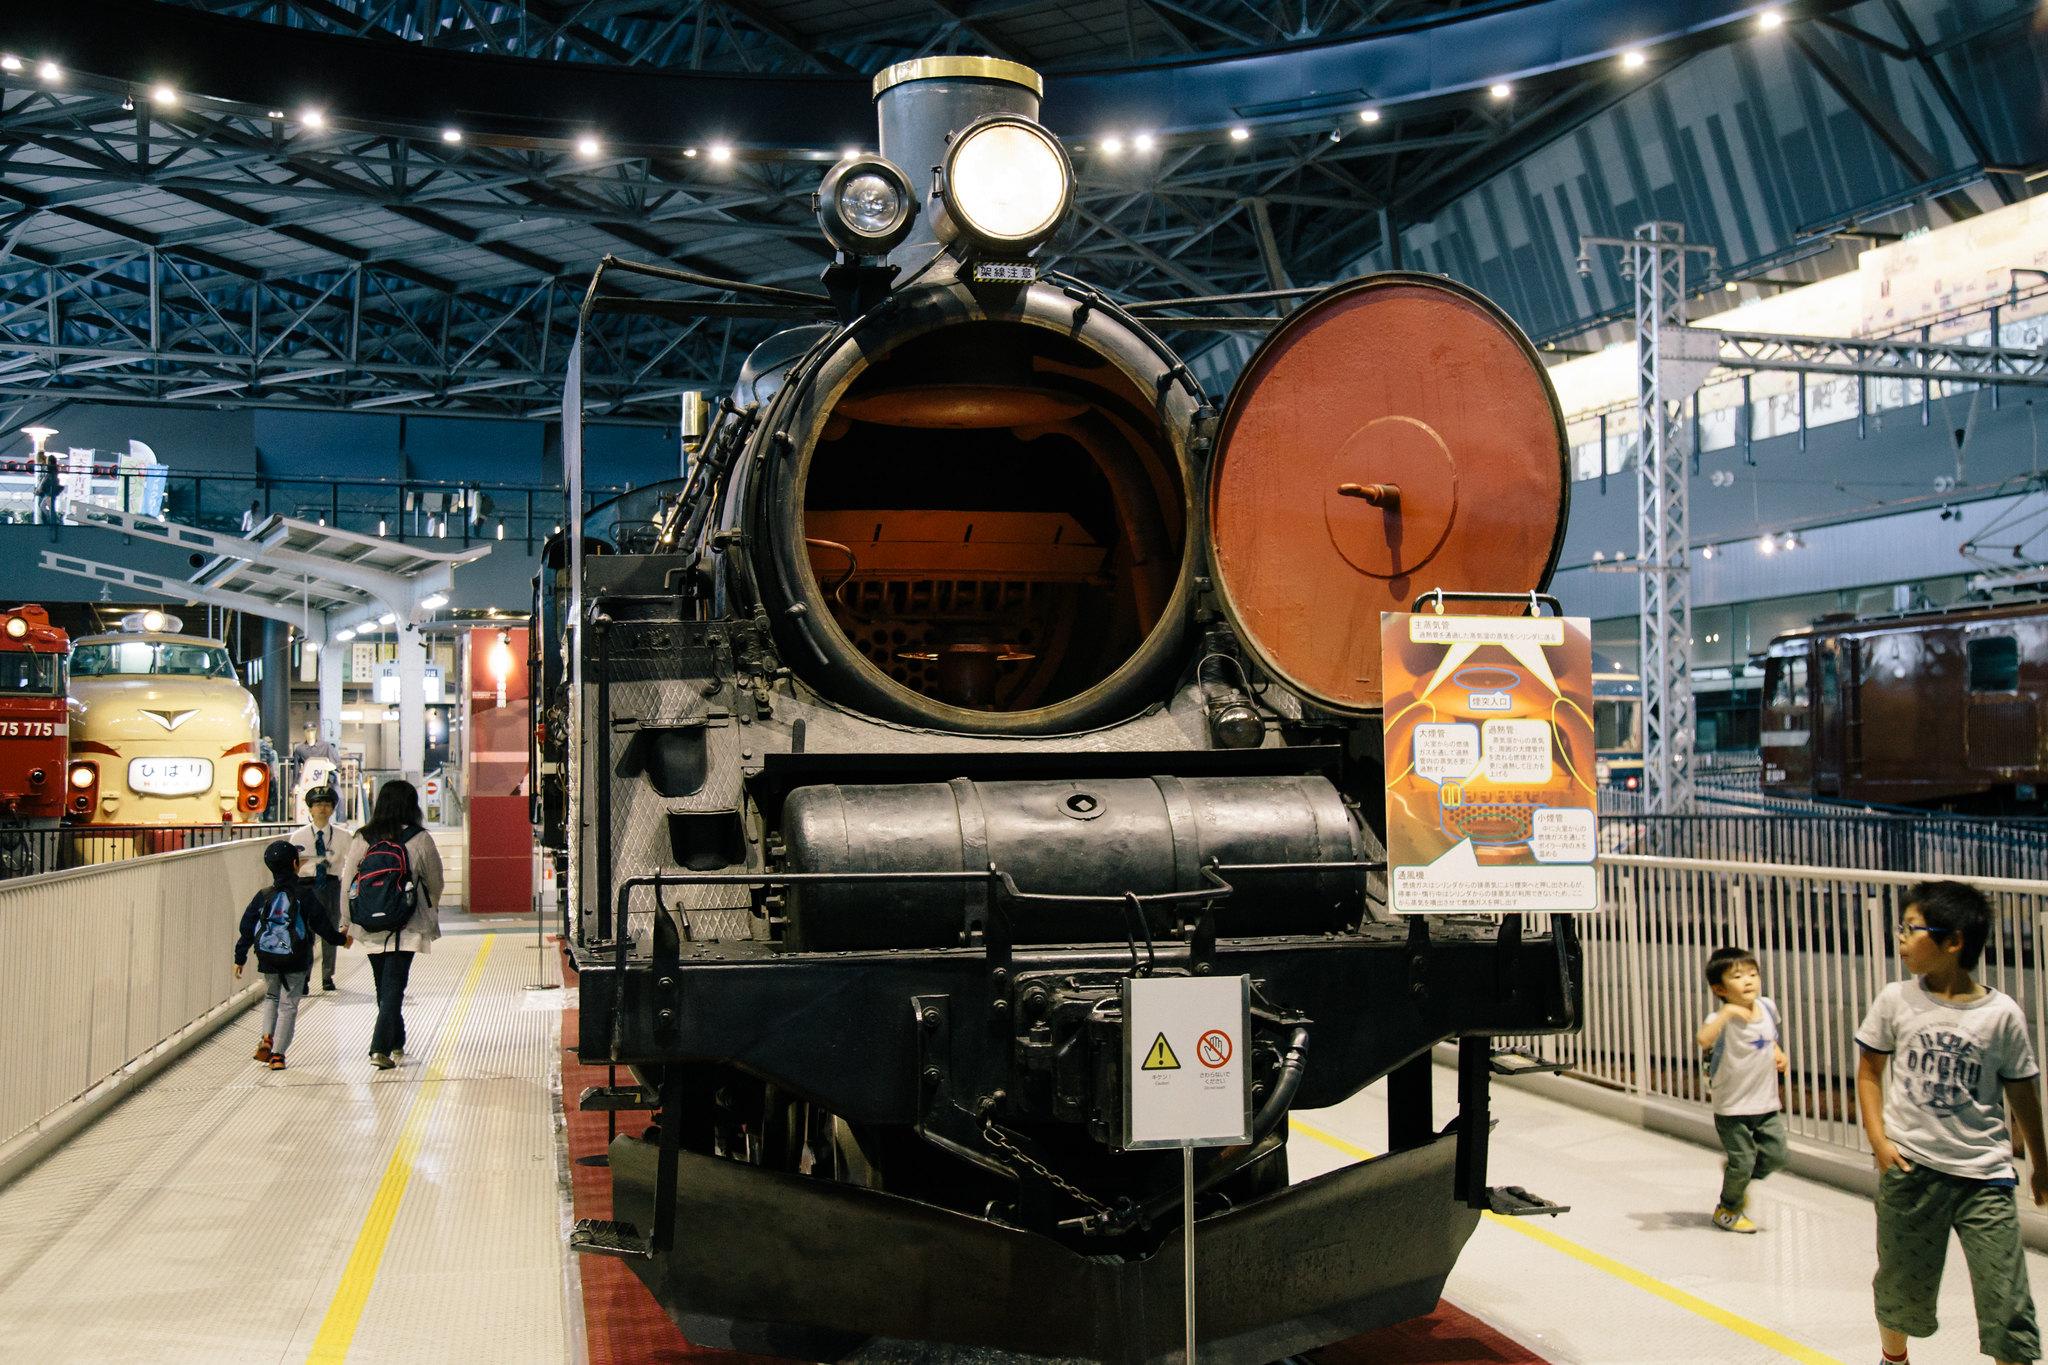 2016-06-06 鉄道博物館 001-24